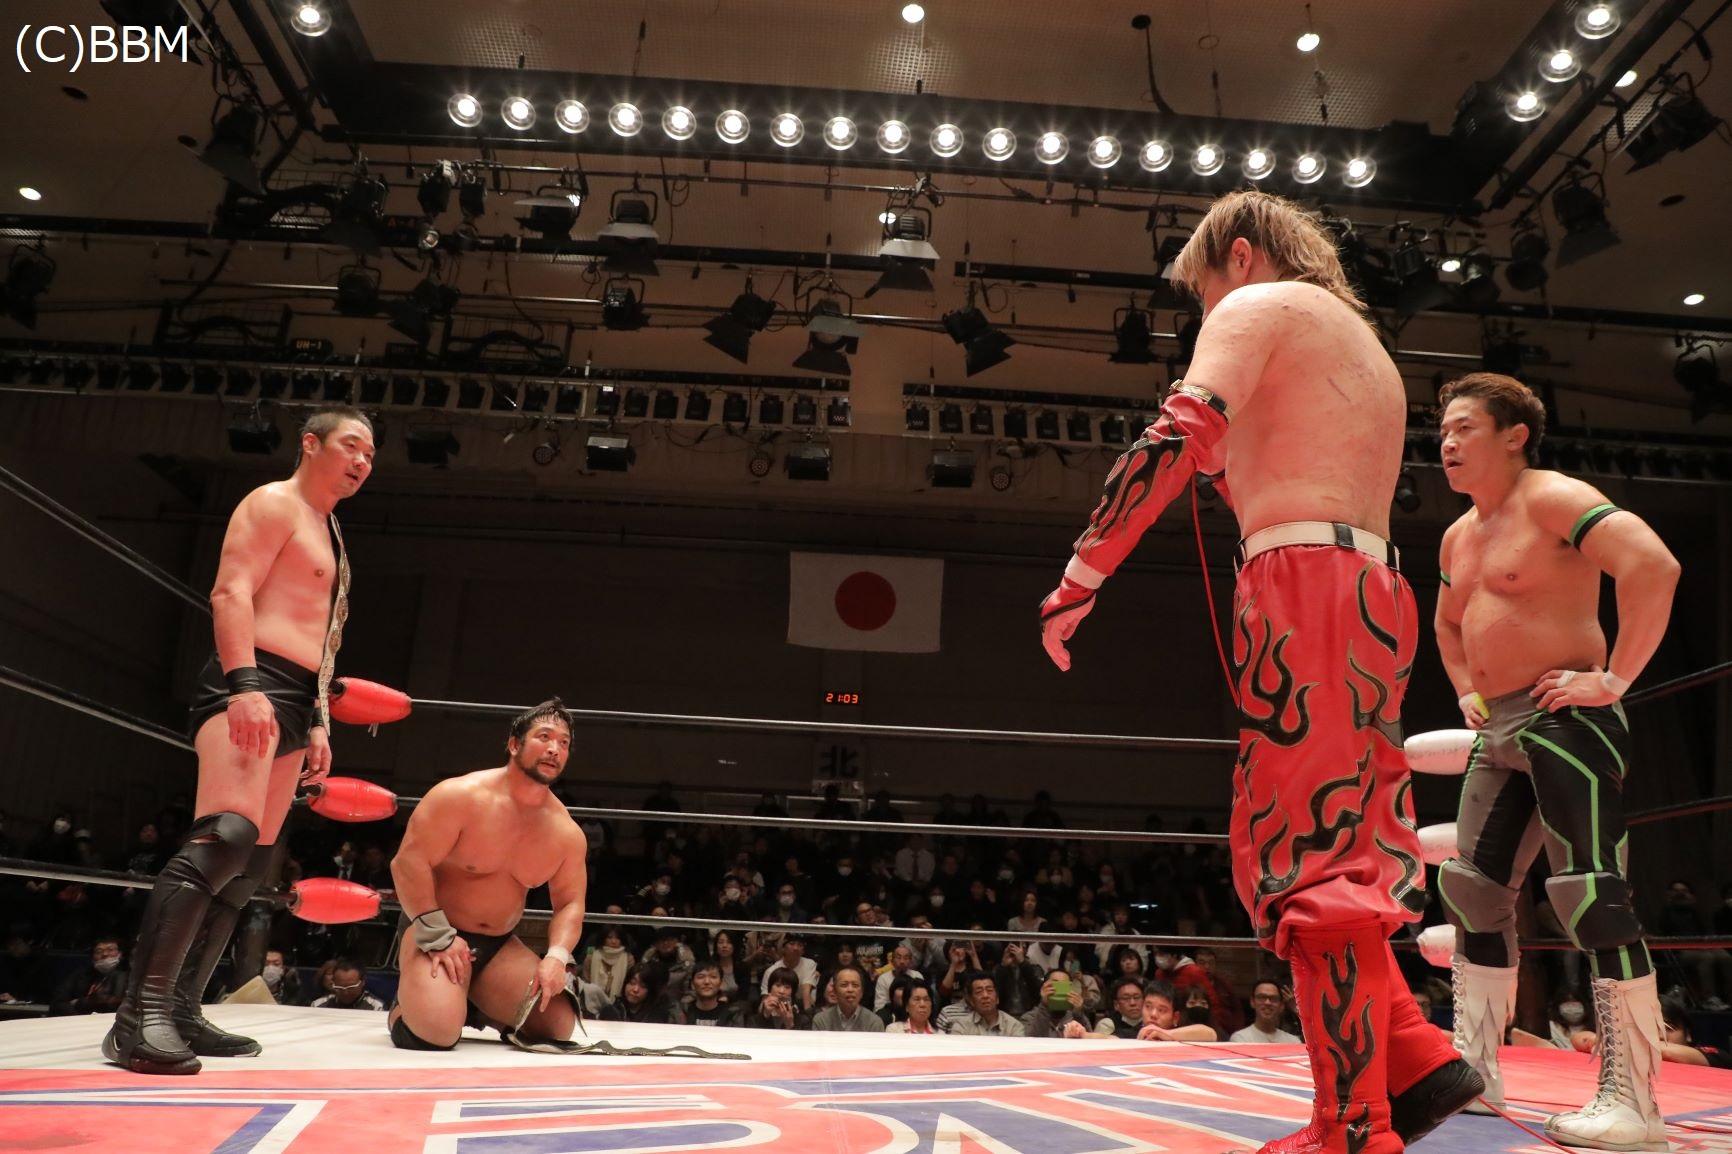 BJW: Daisuke Sekimoto y Kohei Sato defienden su título 13